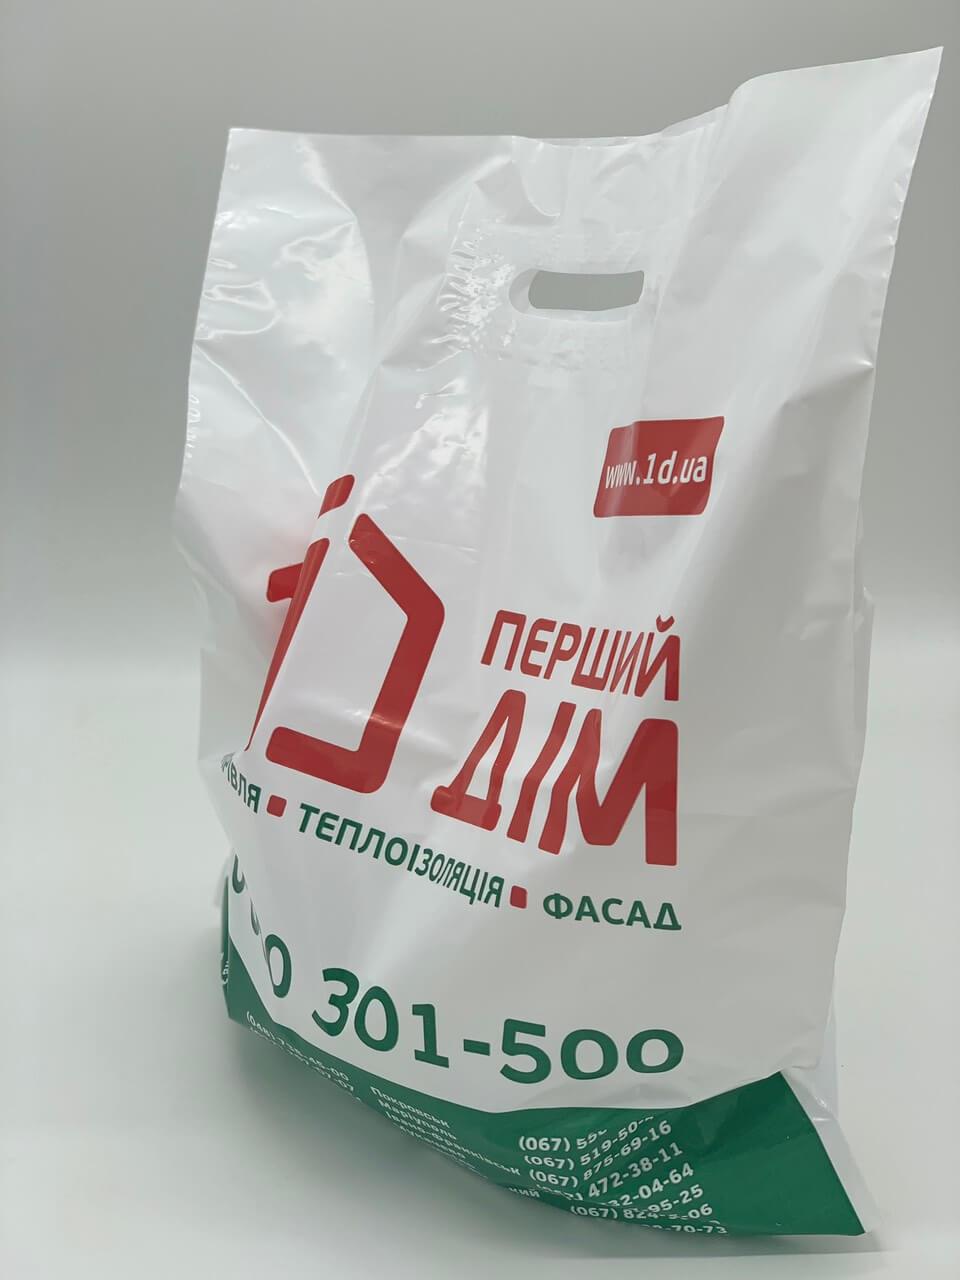 Примеры работ Chernigov Package - Фото 8-15-19